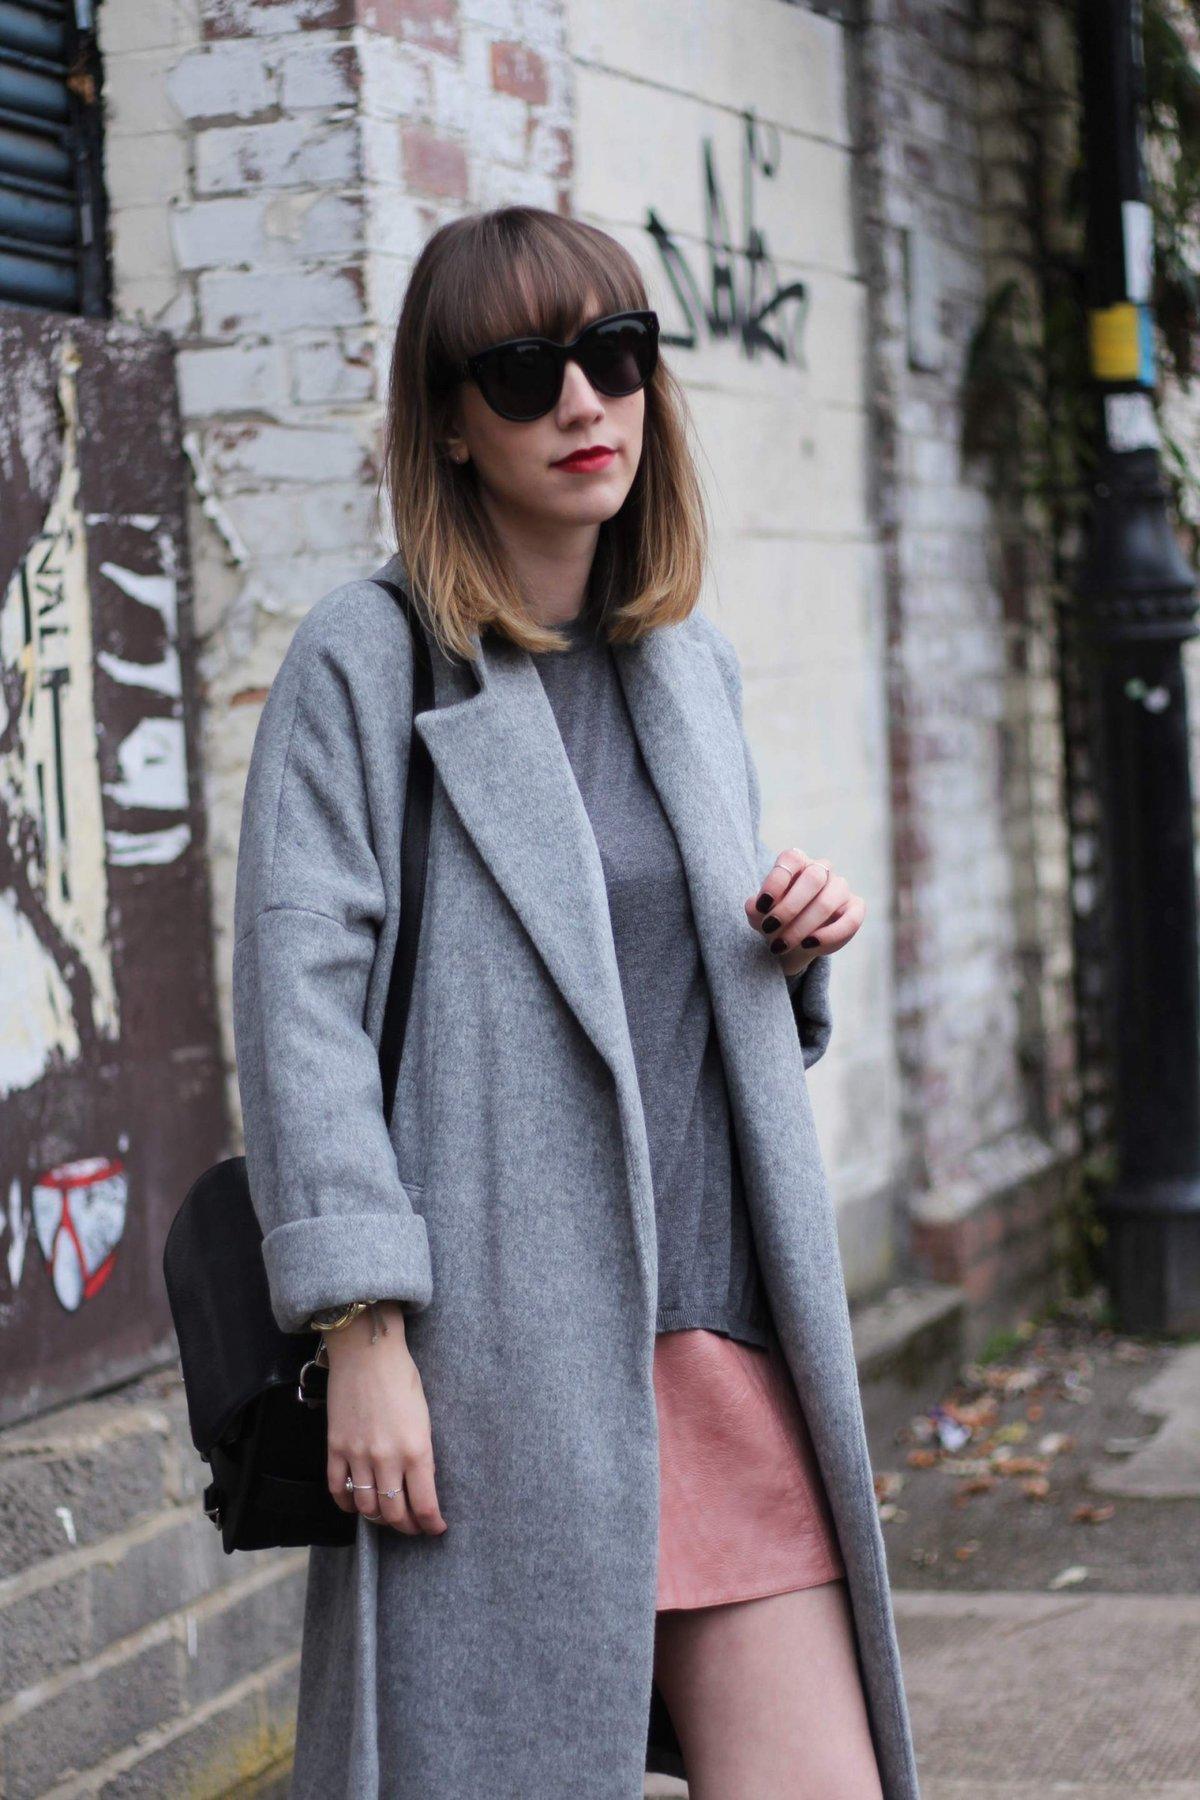 6375d2fc2c coat: Zara | jumper: Zara | skirt: Zara | boots: Zara | bag: Proenza ...